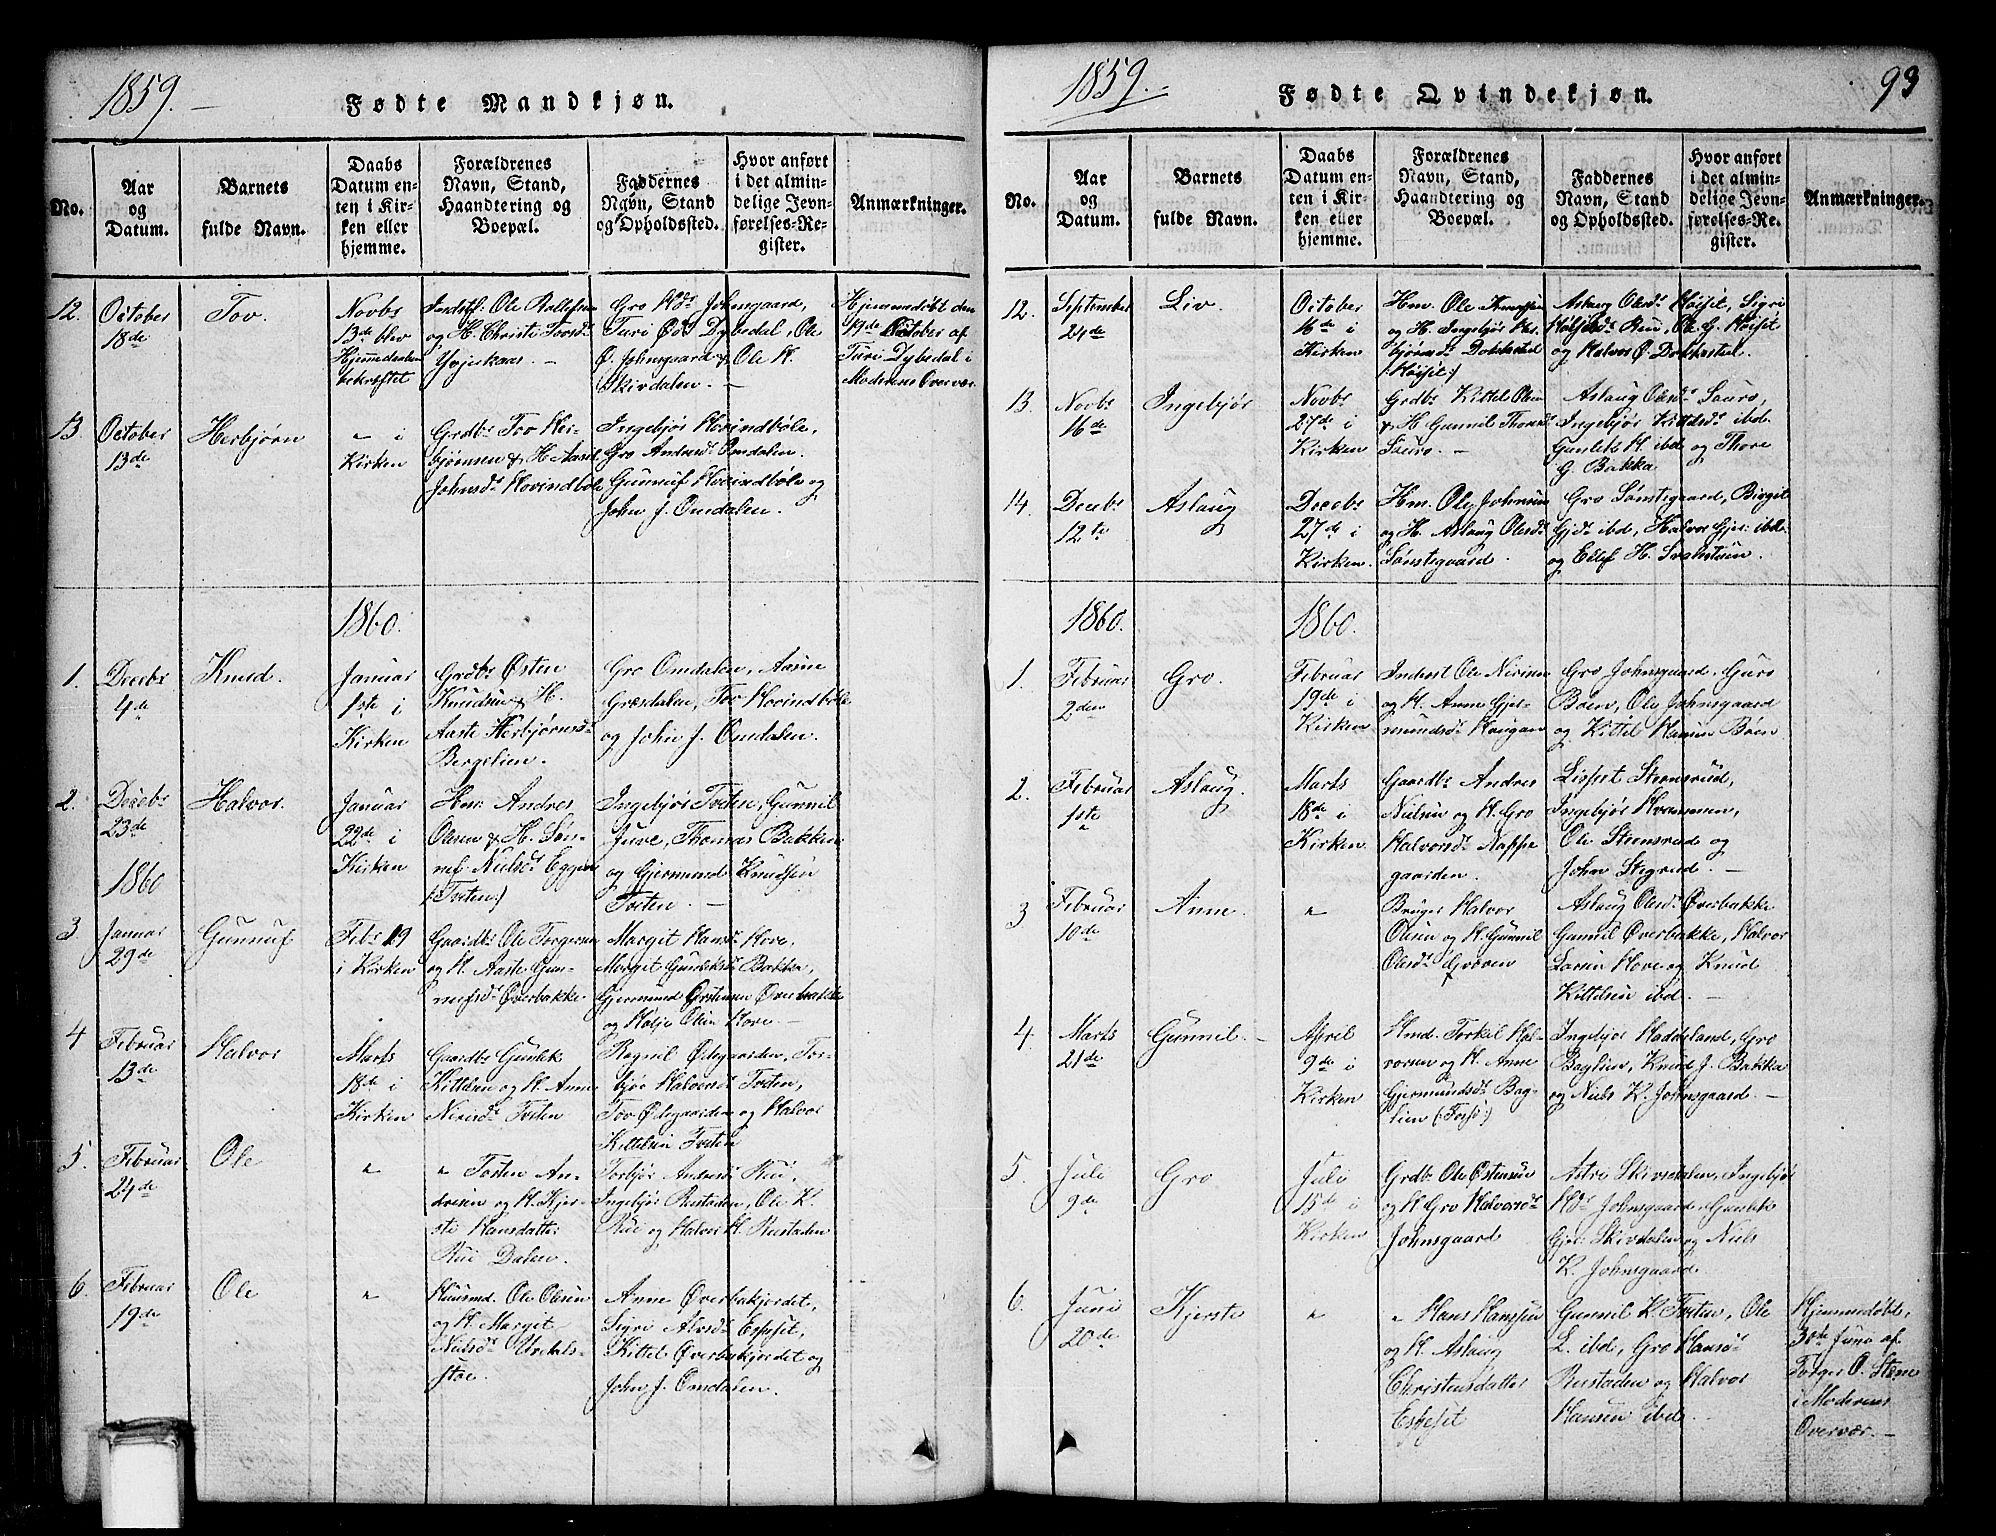 SAKO, Gransherad kirkebøker, G/Gb/L0001: Klokkerbok nr. II 1, 1815-1860, s. 93